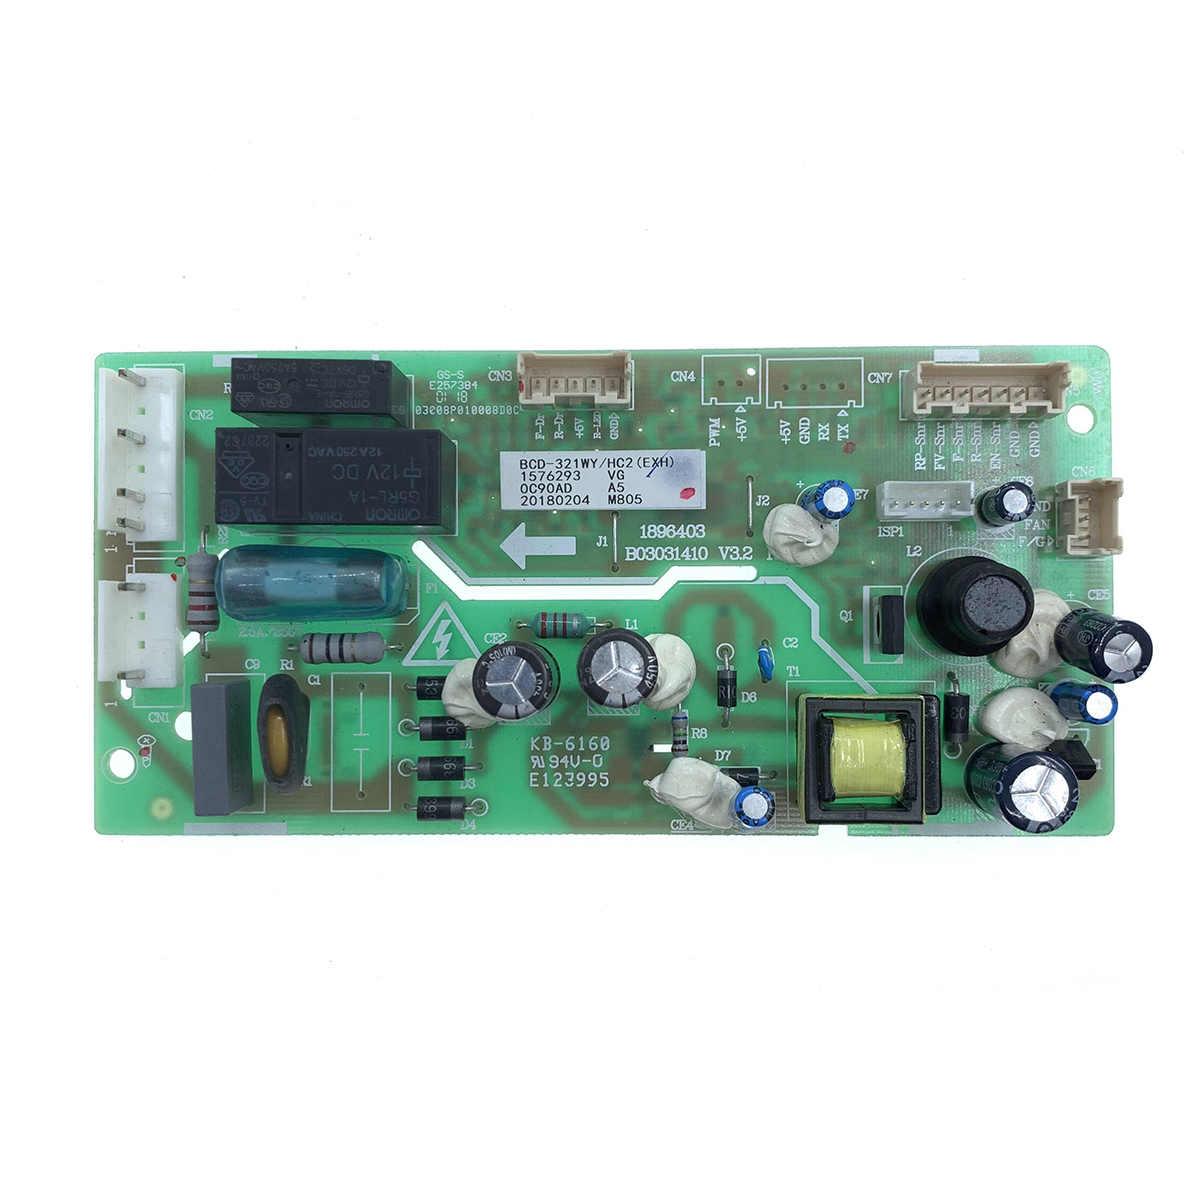 Nombre:  K1576293-BCD-321WY-HC2-EXH-Hisense-tablero-de-Control-de-potencia-PCB-principal-para-refrigerado.jpg Visitas: 438 Tamaño: 102.5 KB